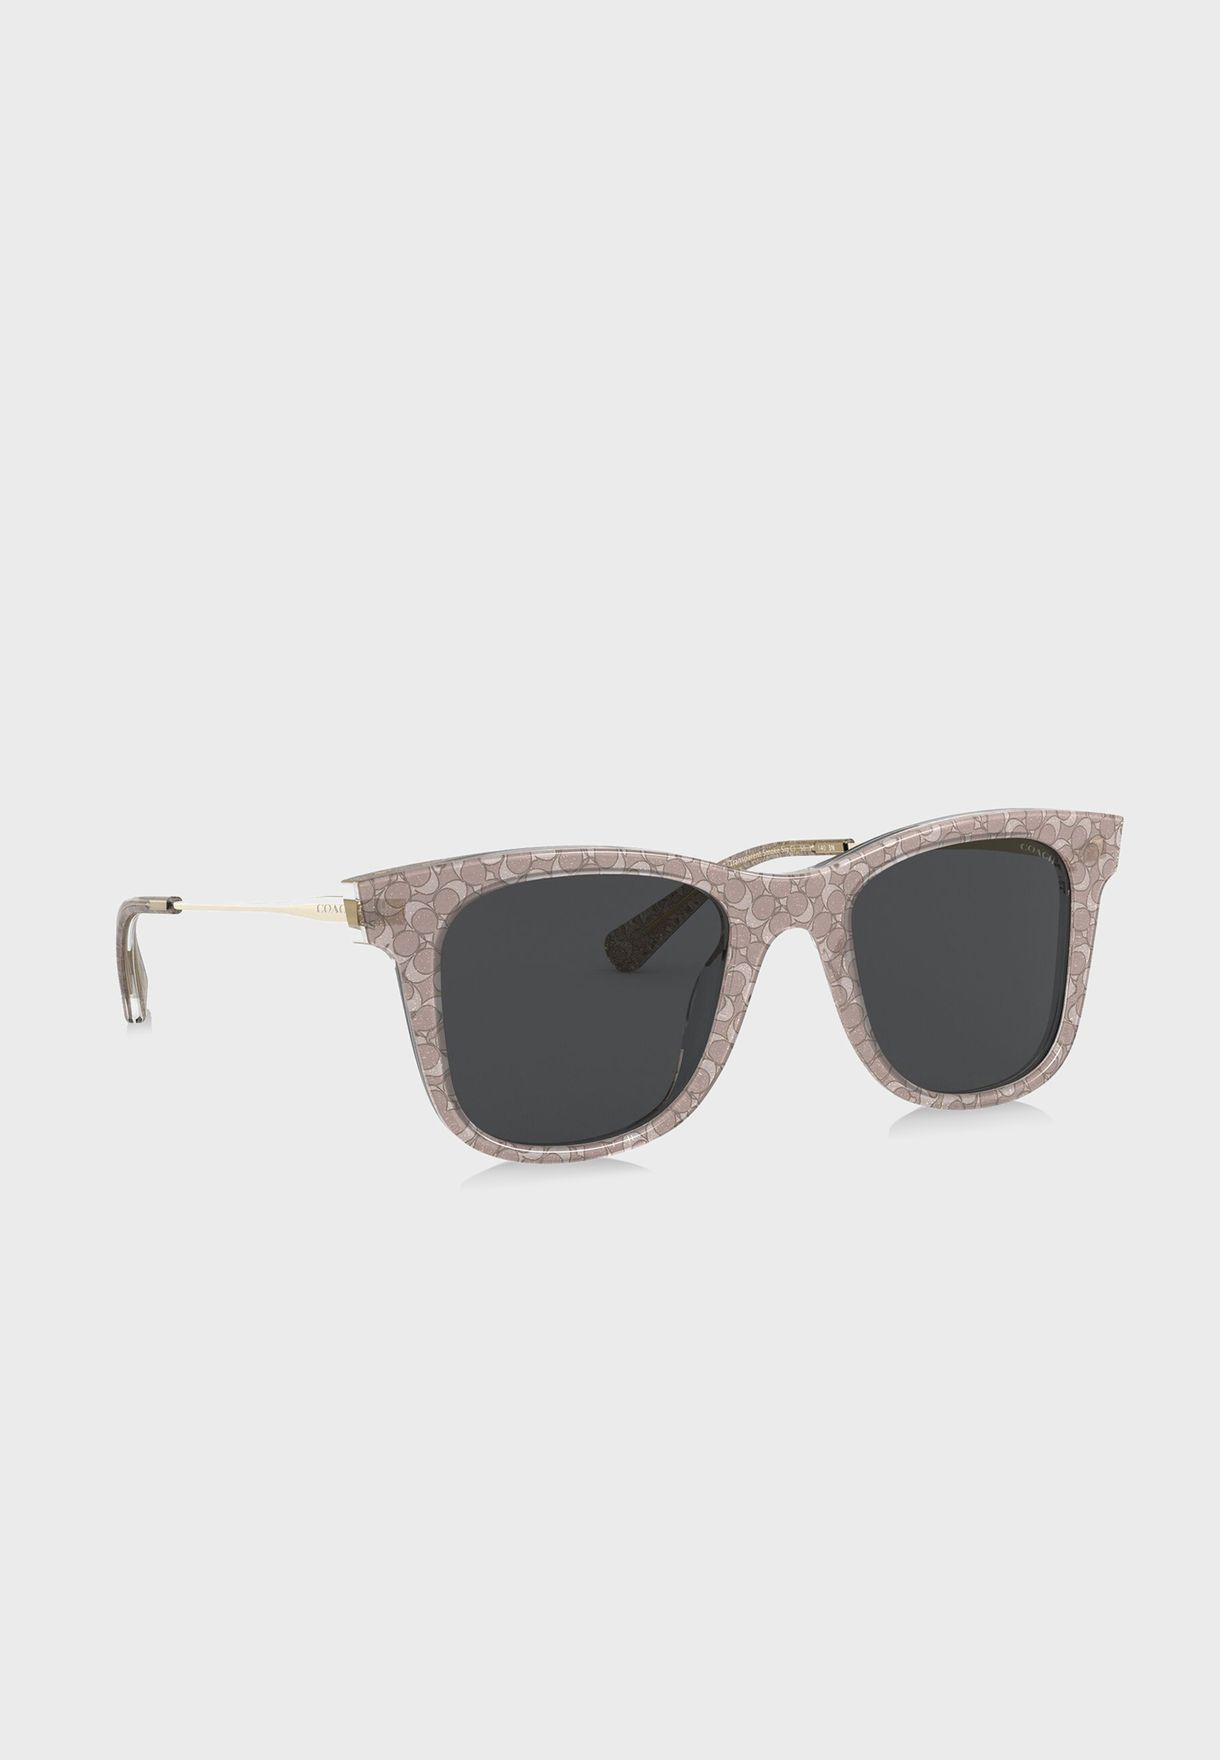 نظارة شمسية مزينة بشعار الماركة